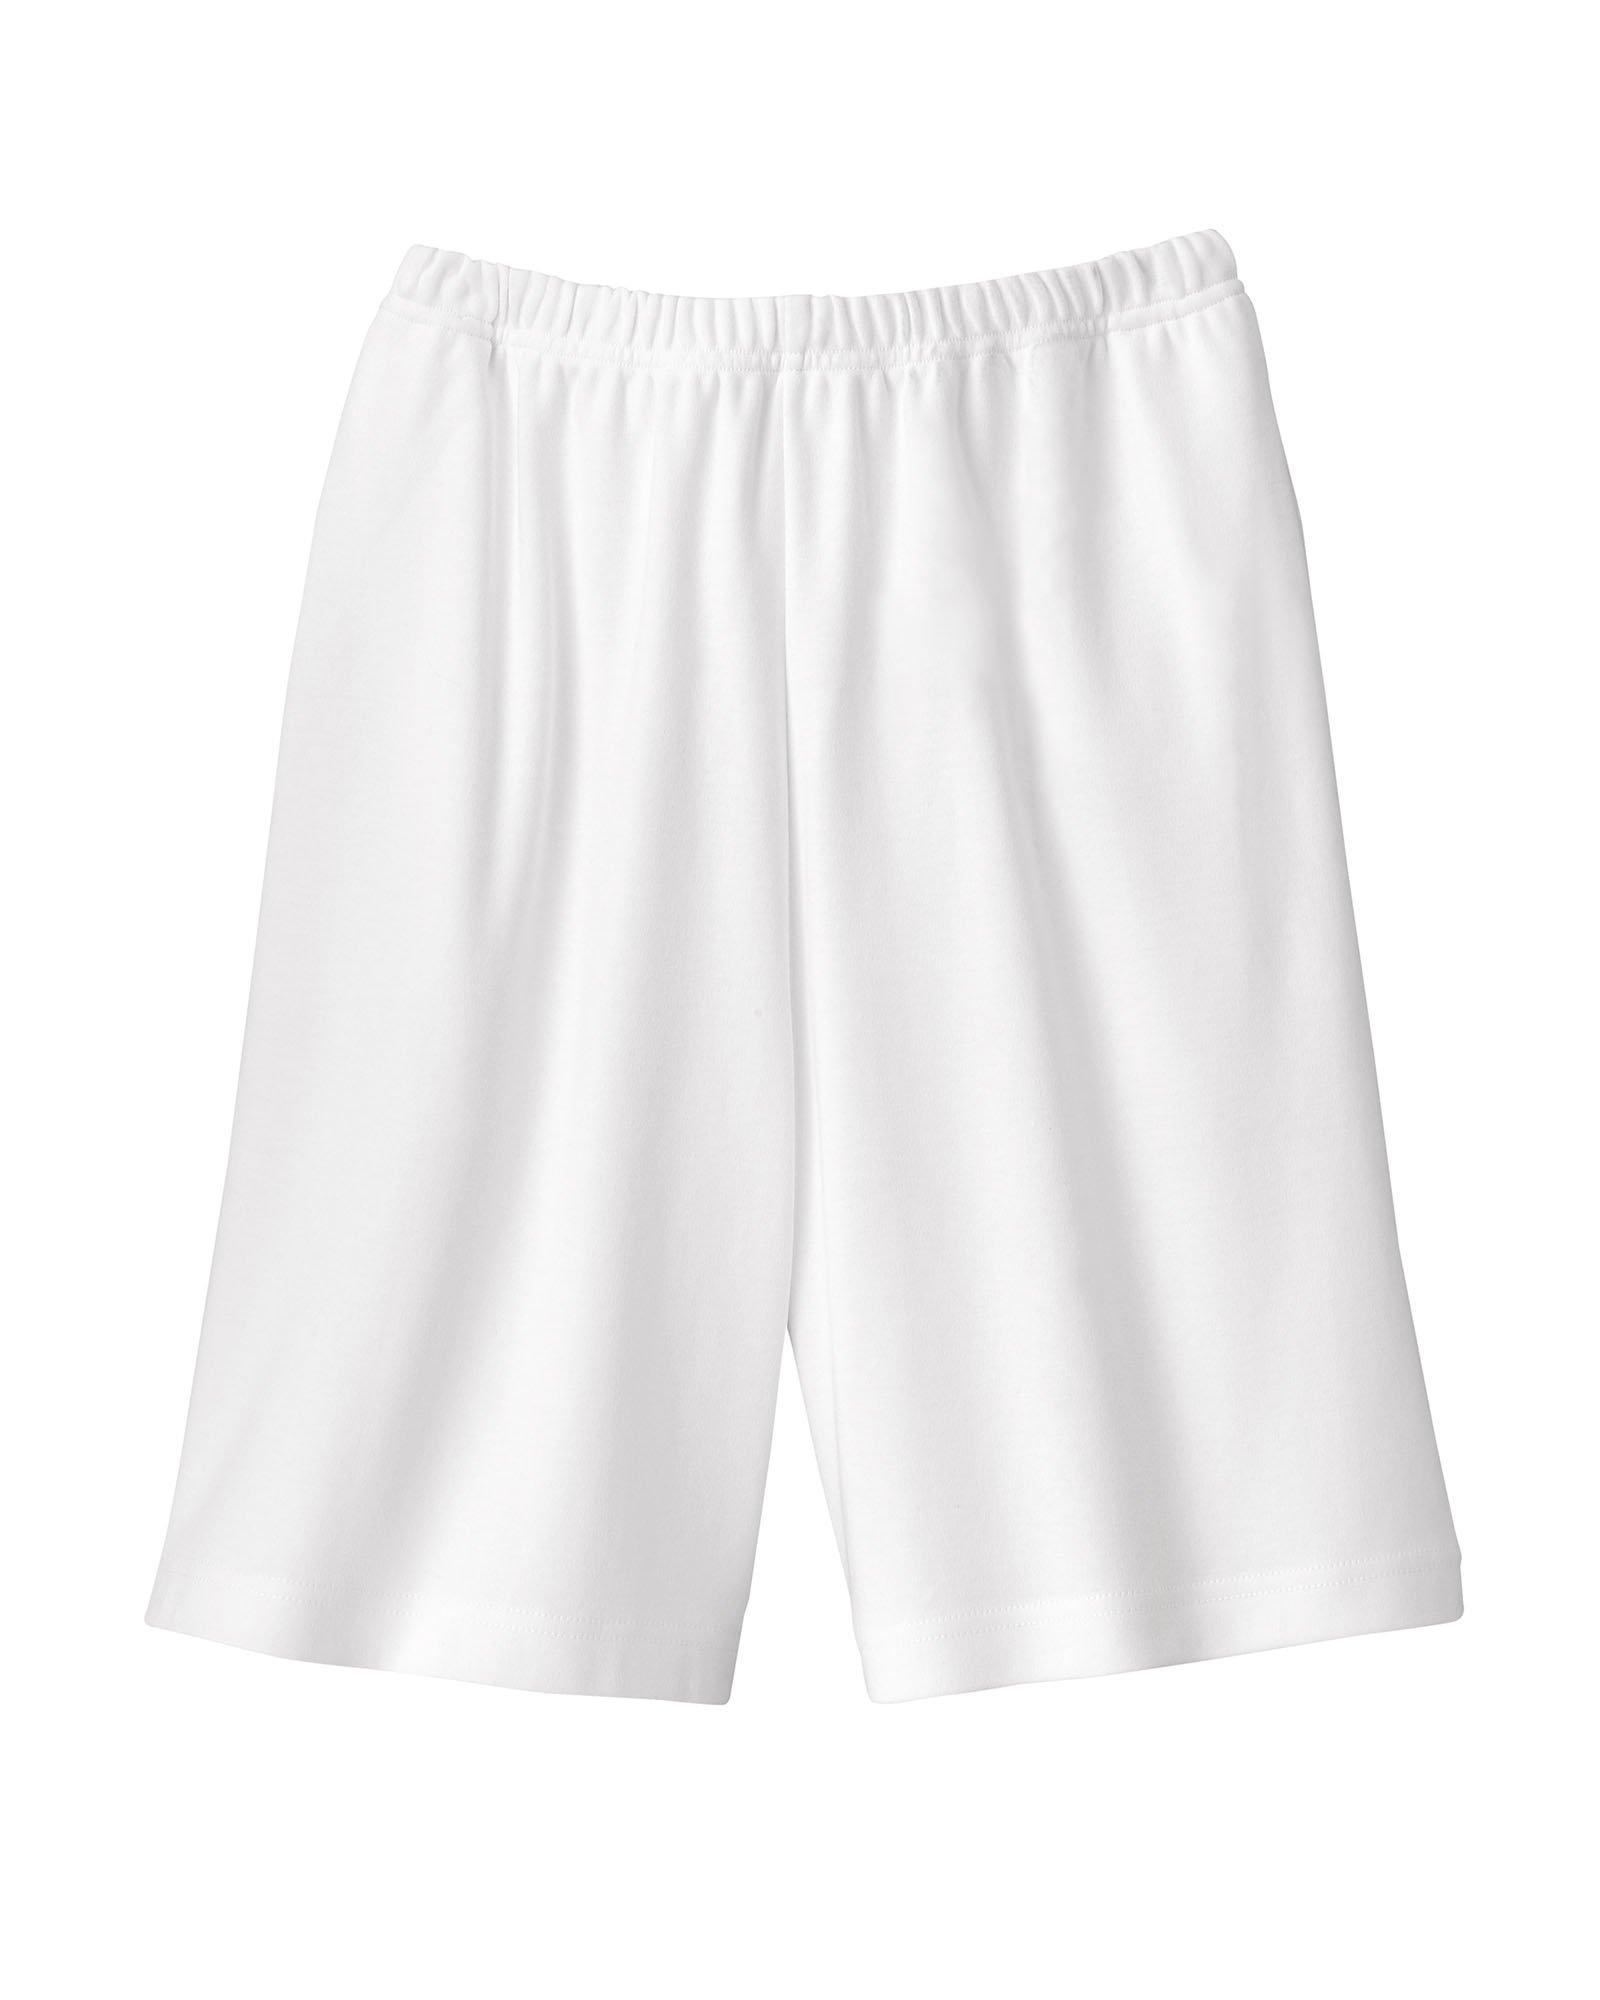 UltraSofts Knit Shorts, White, 1X